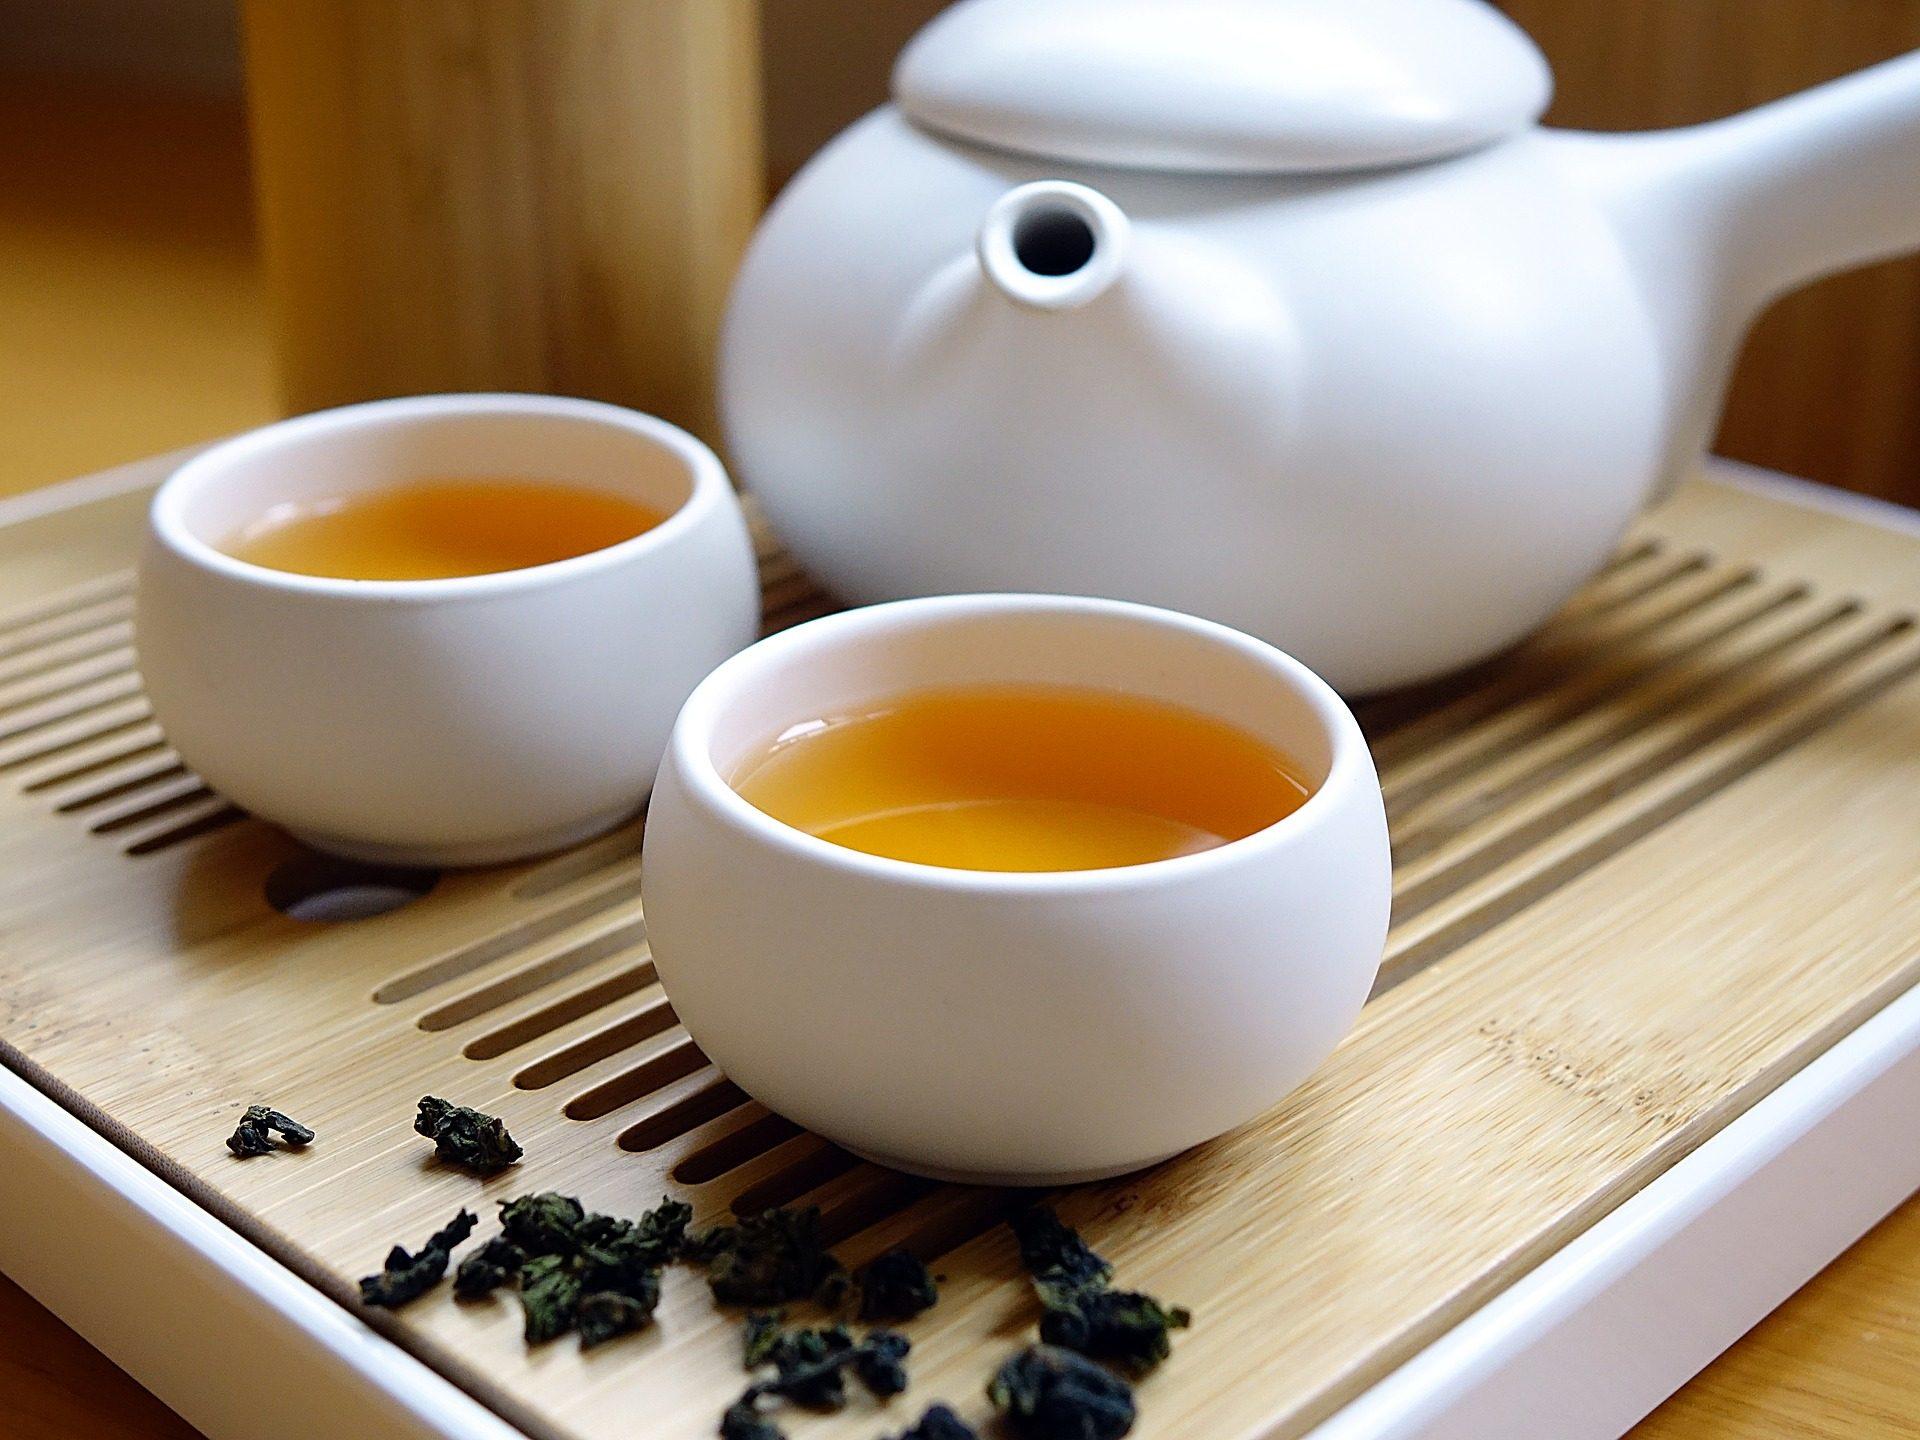 Gesetz, Chinesisch, Tassen, Tee, Infusion, Zeremonie - Wallpaper HD - Prof.-falken.com